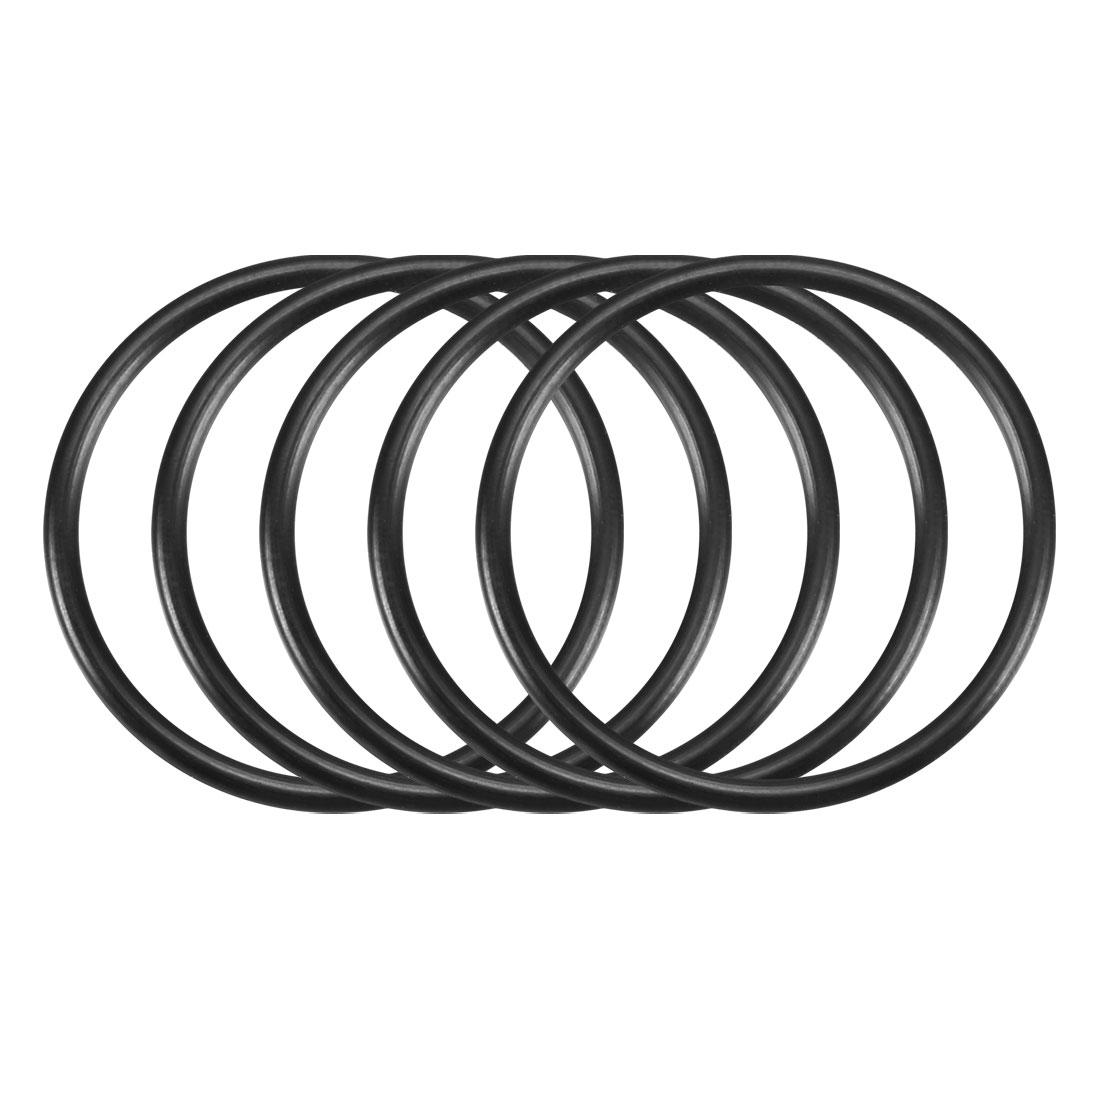 50pcs Black Nitrile Butadiene Rubber NBR O-Ring 31.8mm Inner Dia 2.4mm Width